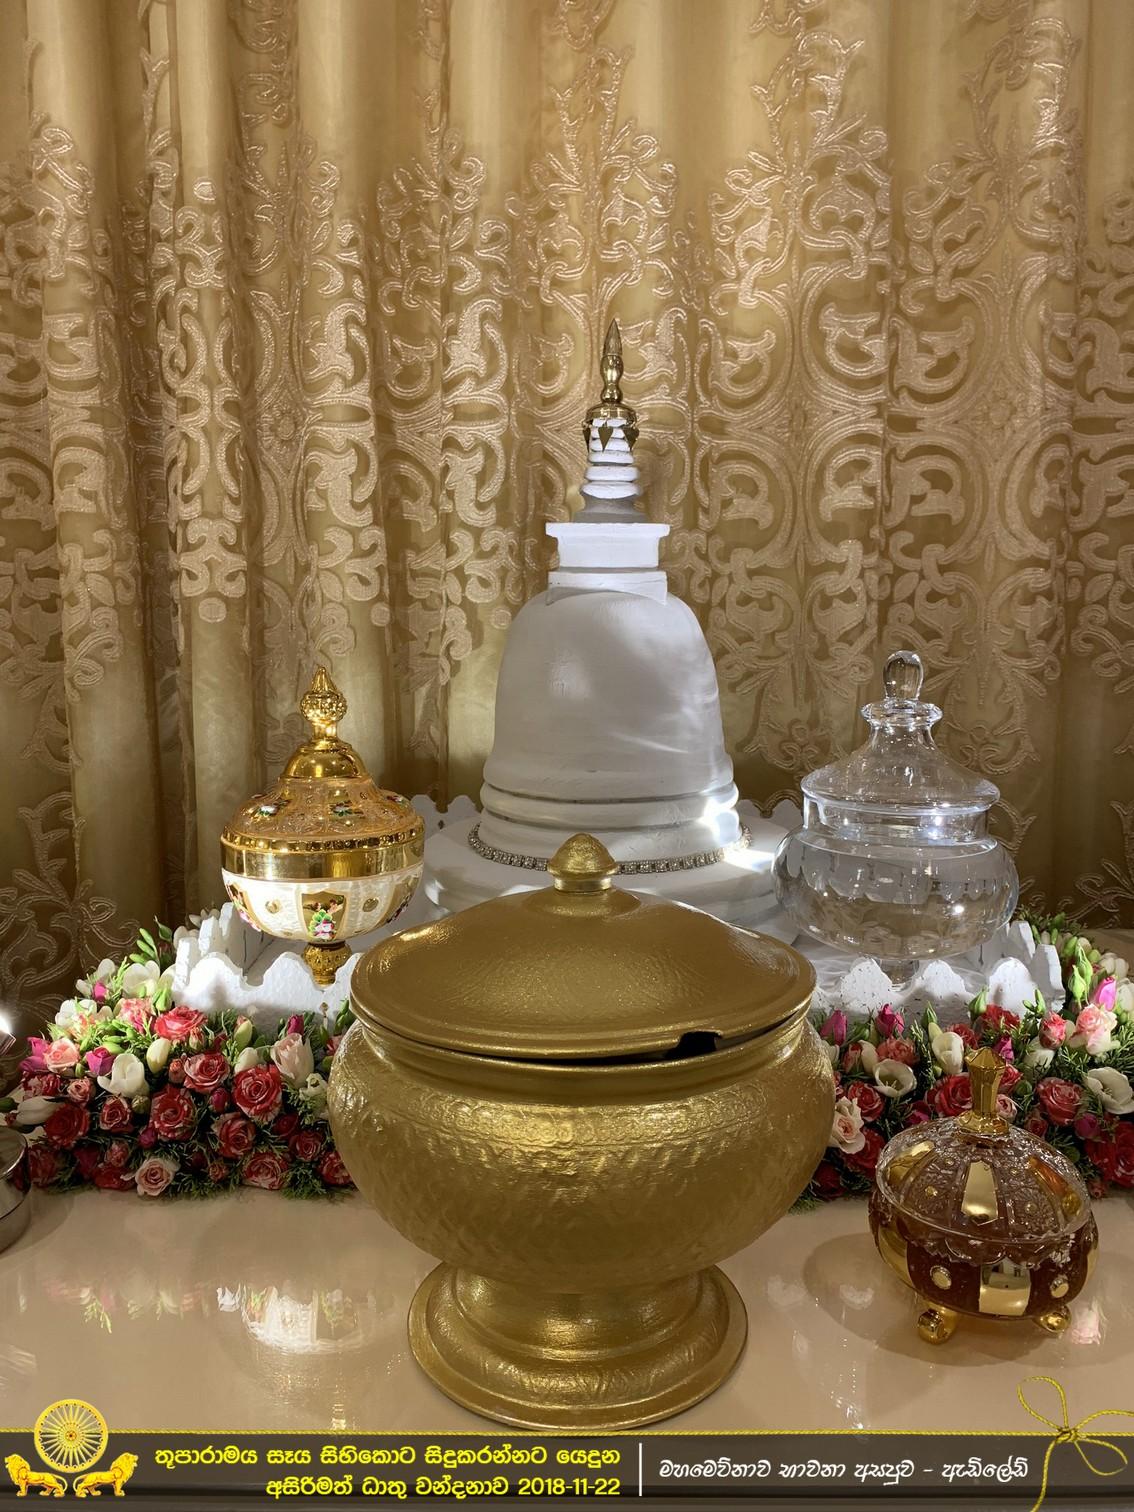 Thuparama013